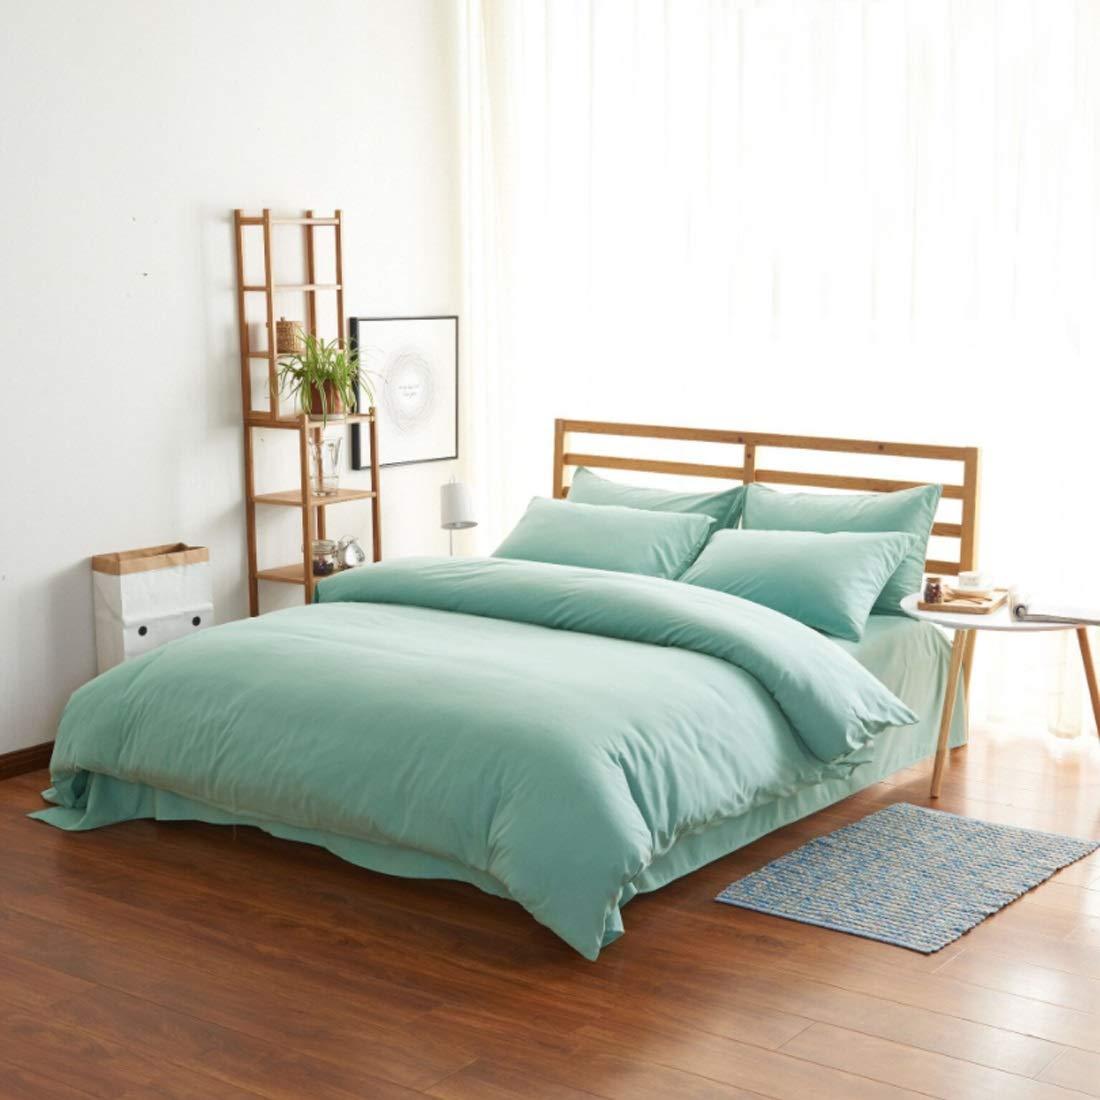 方朝日スポーツ用品店 家の内装のための寝具の4つの綿の高級高密度のブラシを掛けた枕カバーの4つのセット (色 : オレンジ, サイズ : 150*200CM) B07RRPJ6R2